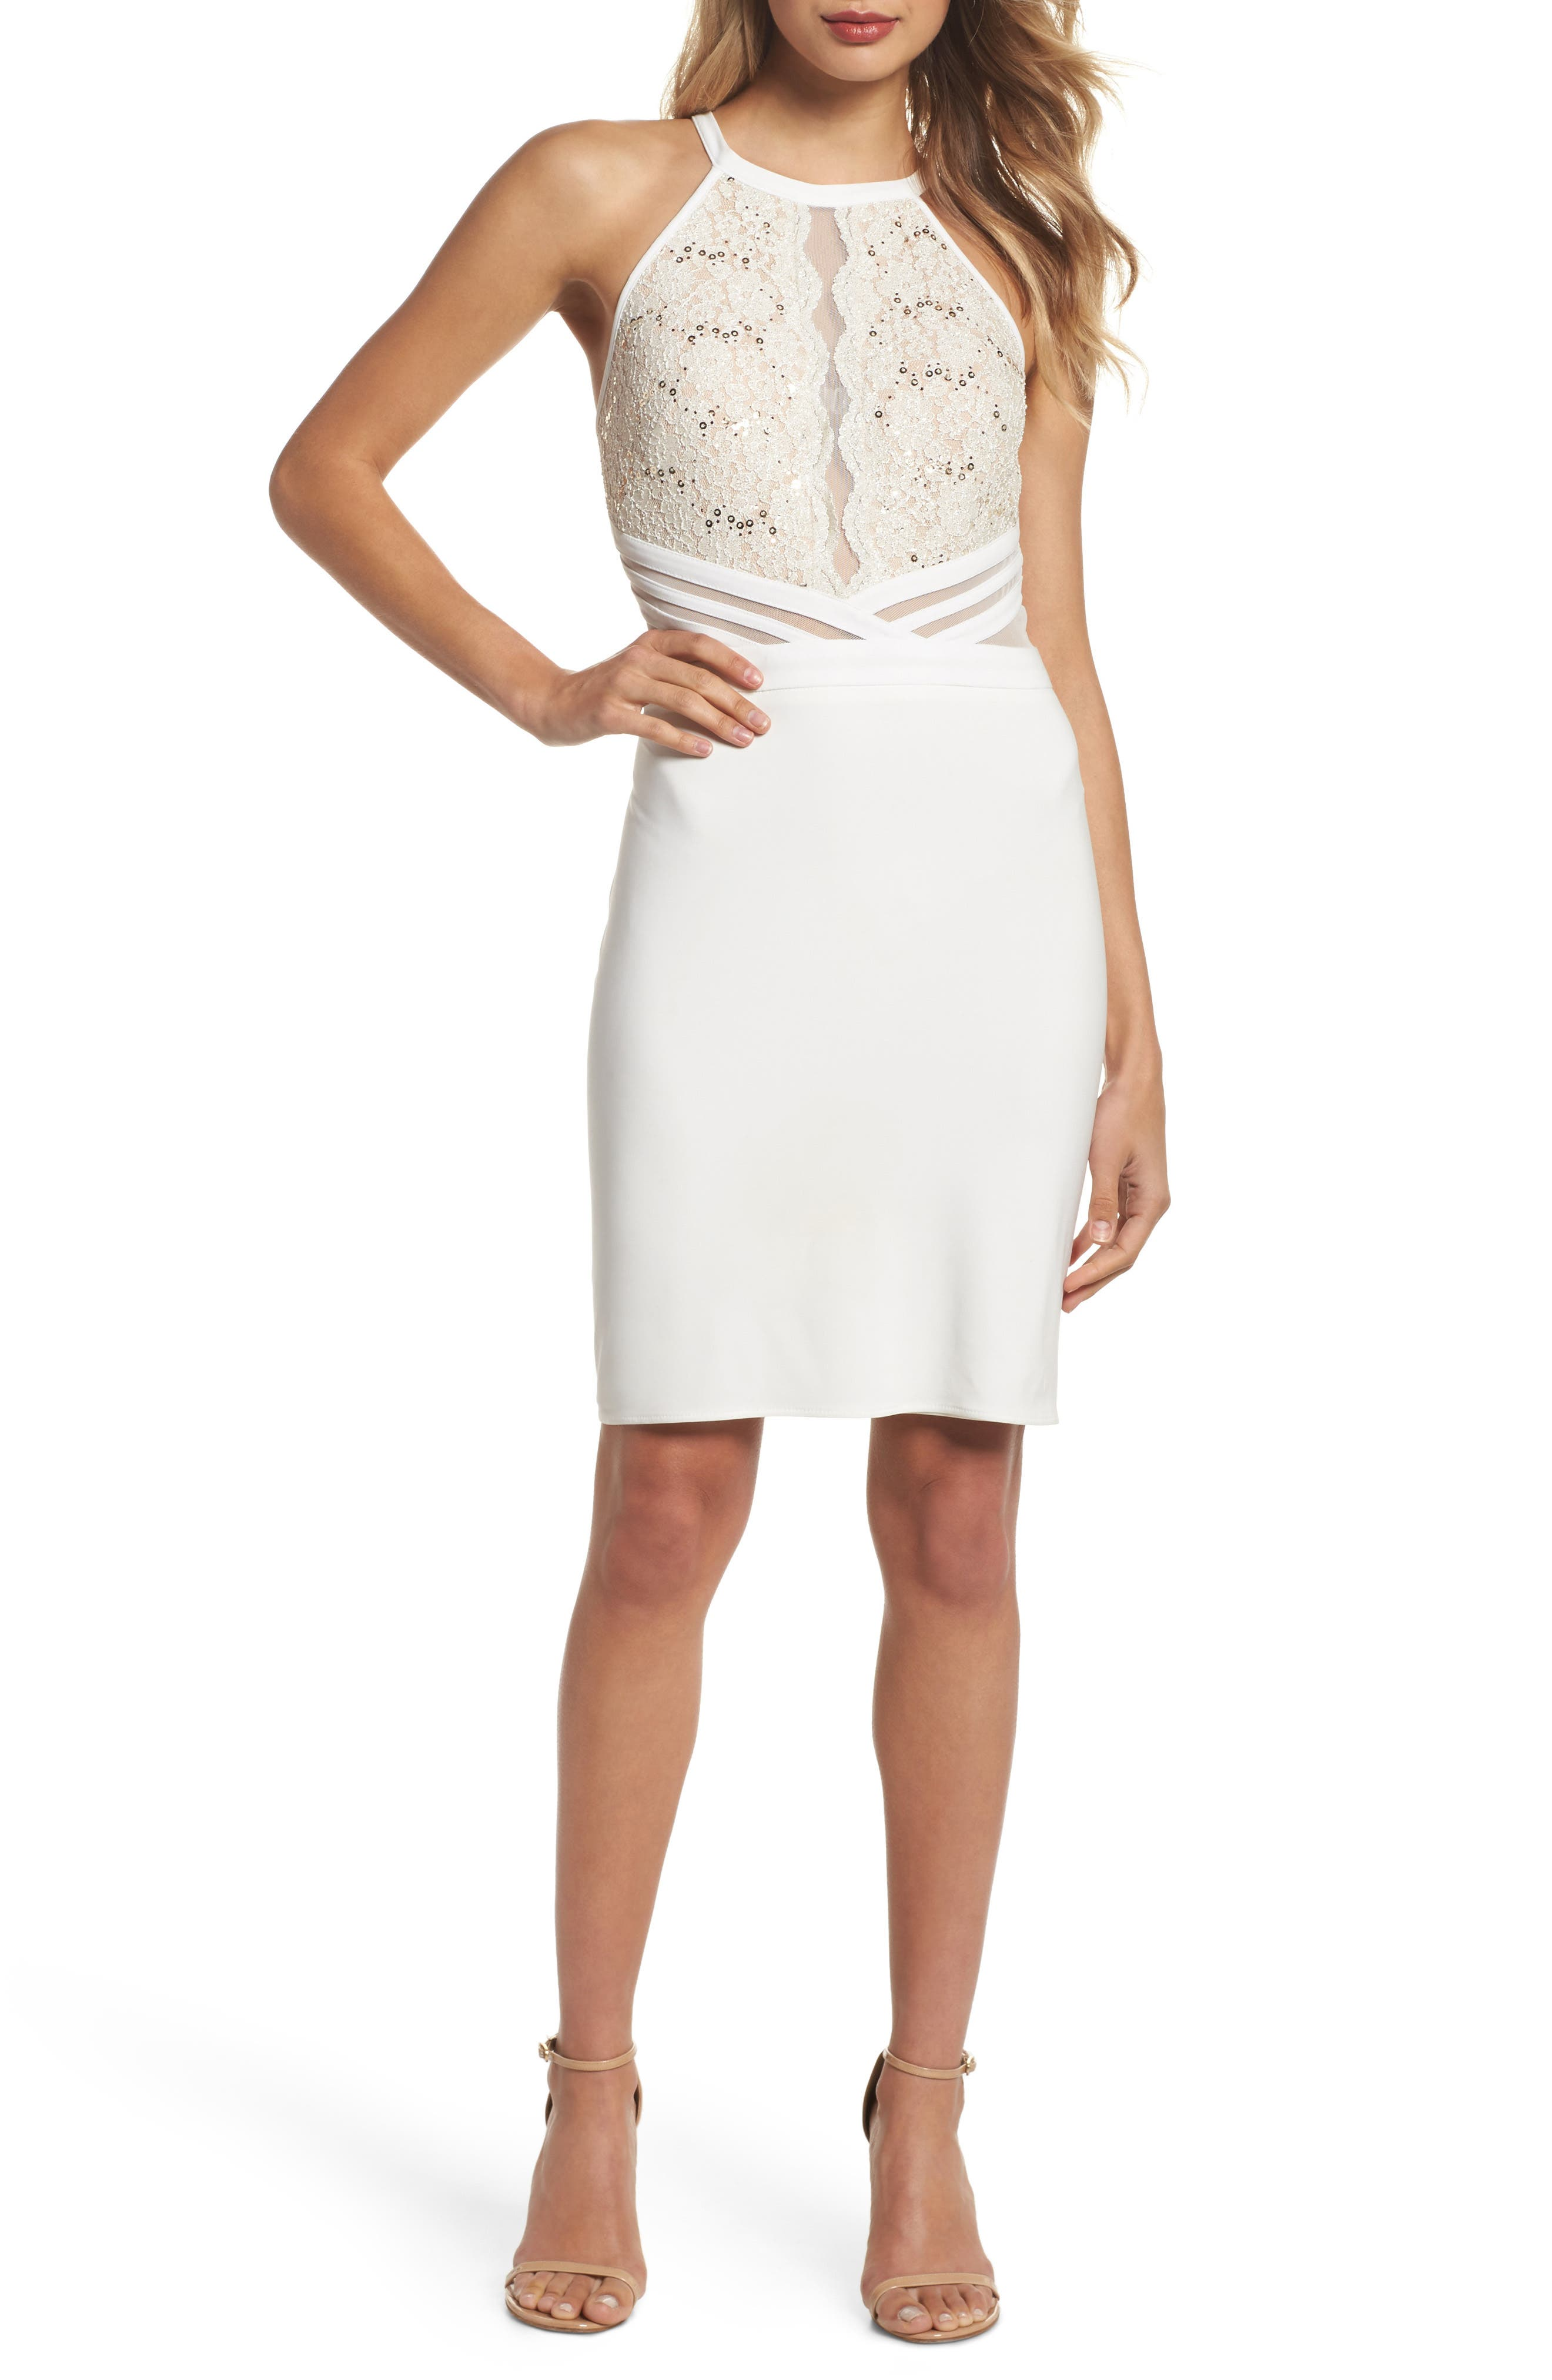 Scallop Lace Bodice Body-Con Dress,                         Main,                         color, Ivory/ Nude